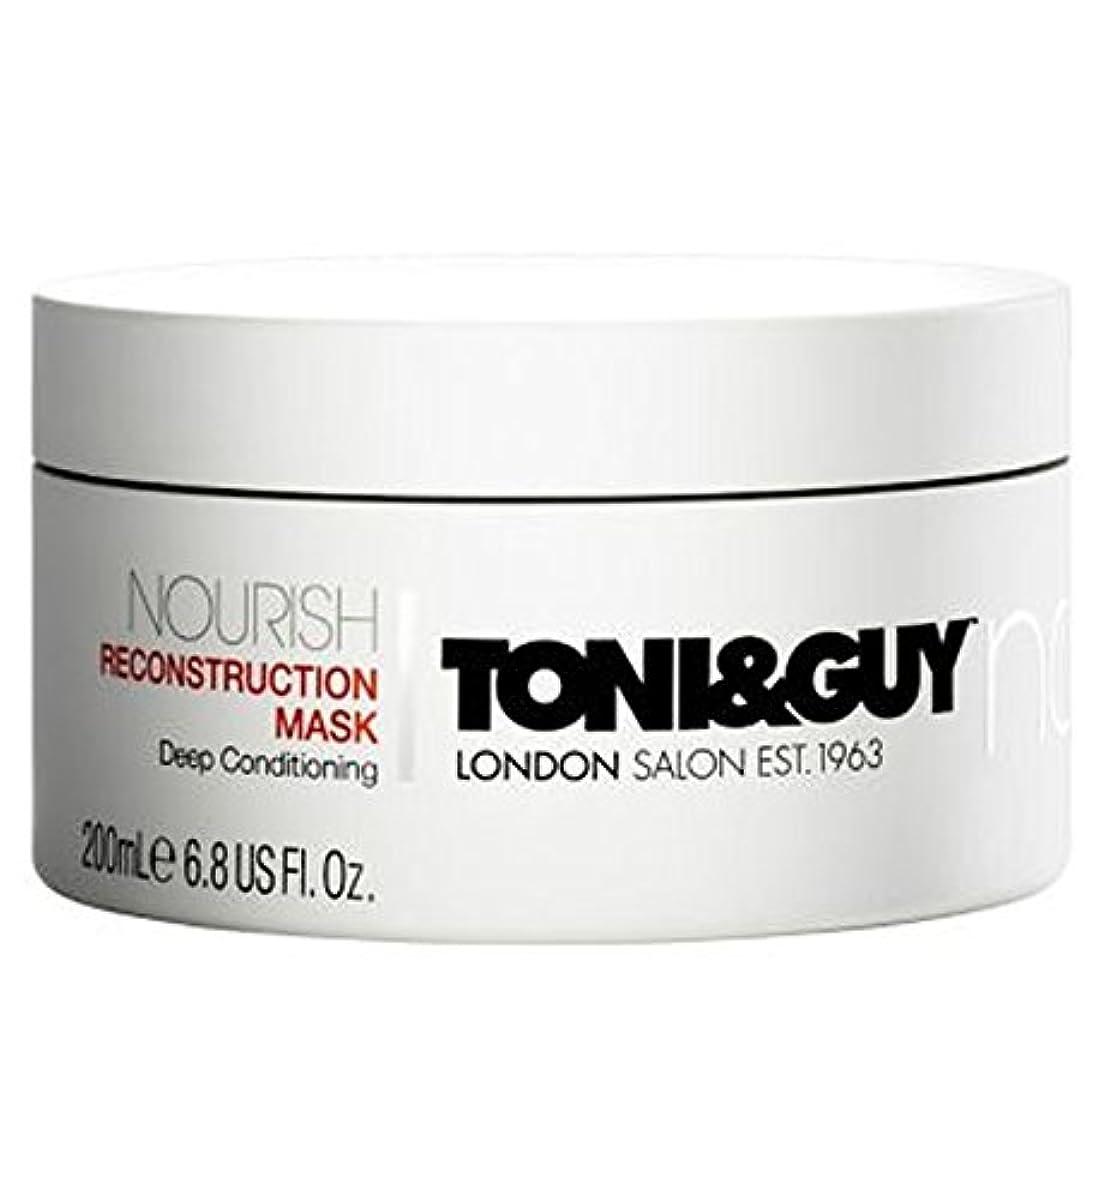 メーター醸造所ちらつきトニ&男は復興マスク200ミリリットルを養います (Toni & Guy) (x2) - Toni&Guy Nourish Reconstruction Mask 200ml (Pack of 2) [並行輸入品]